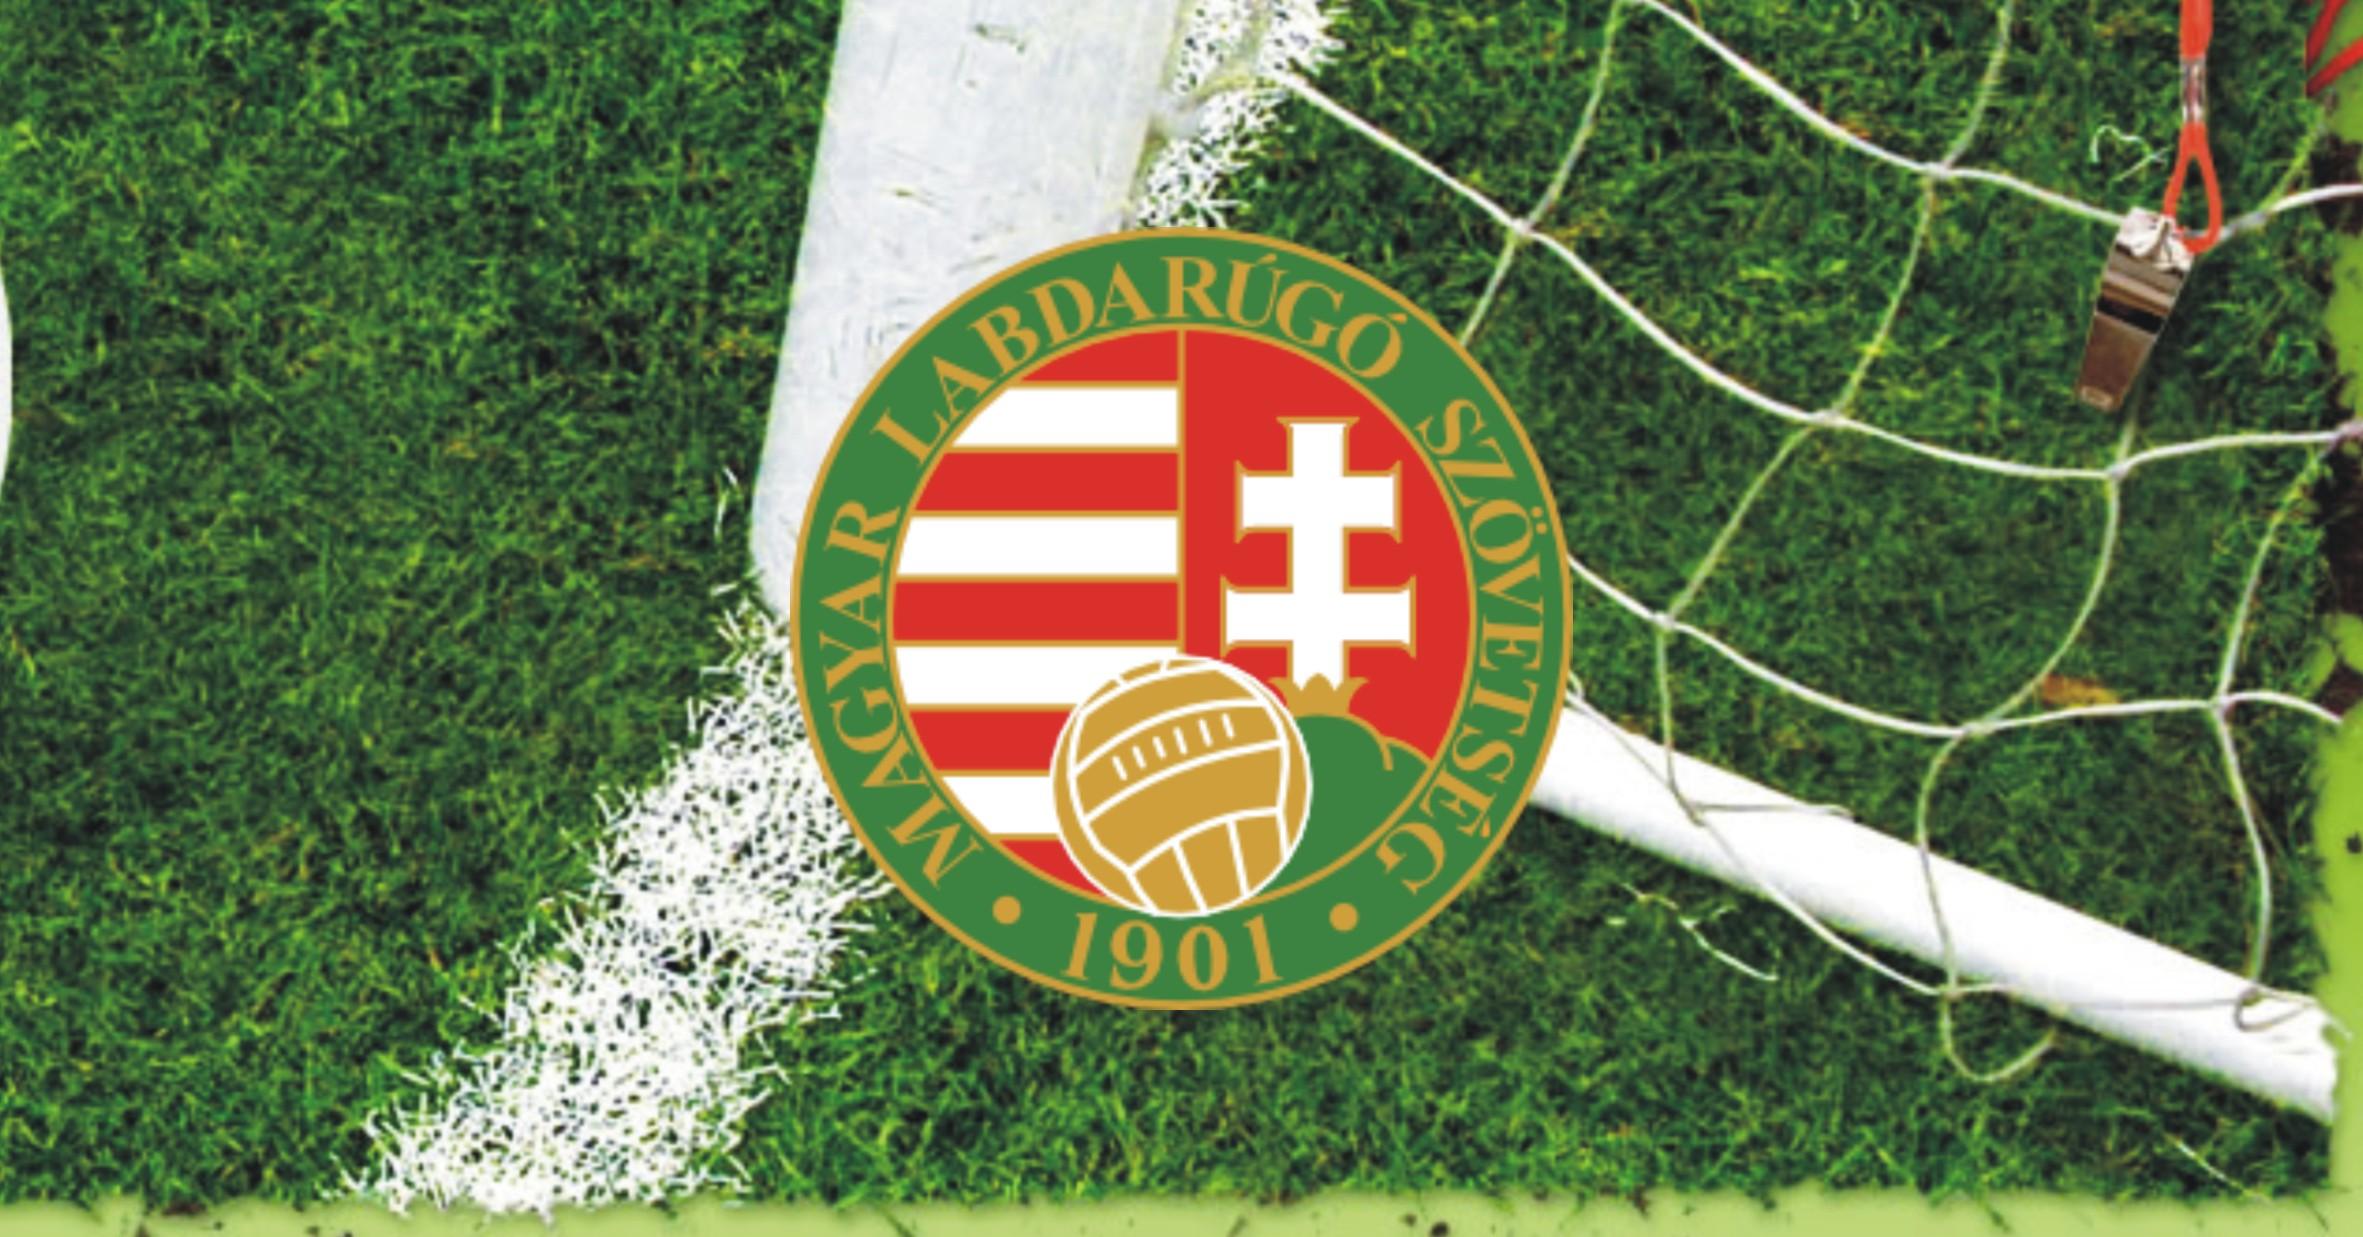 NB III. – Az Eger Labdarúgó Sport Kft. megkapta a 2020-2021. évre szóló NB III. osztályú Amatőr Licencet